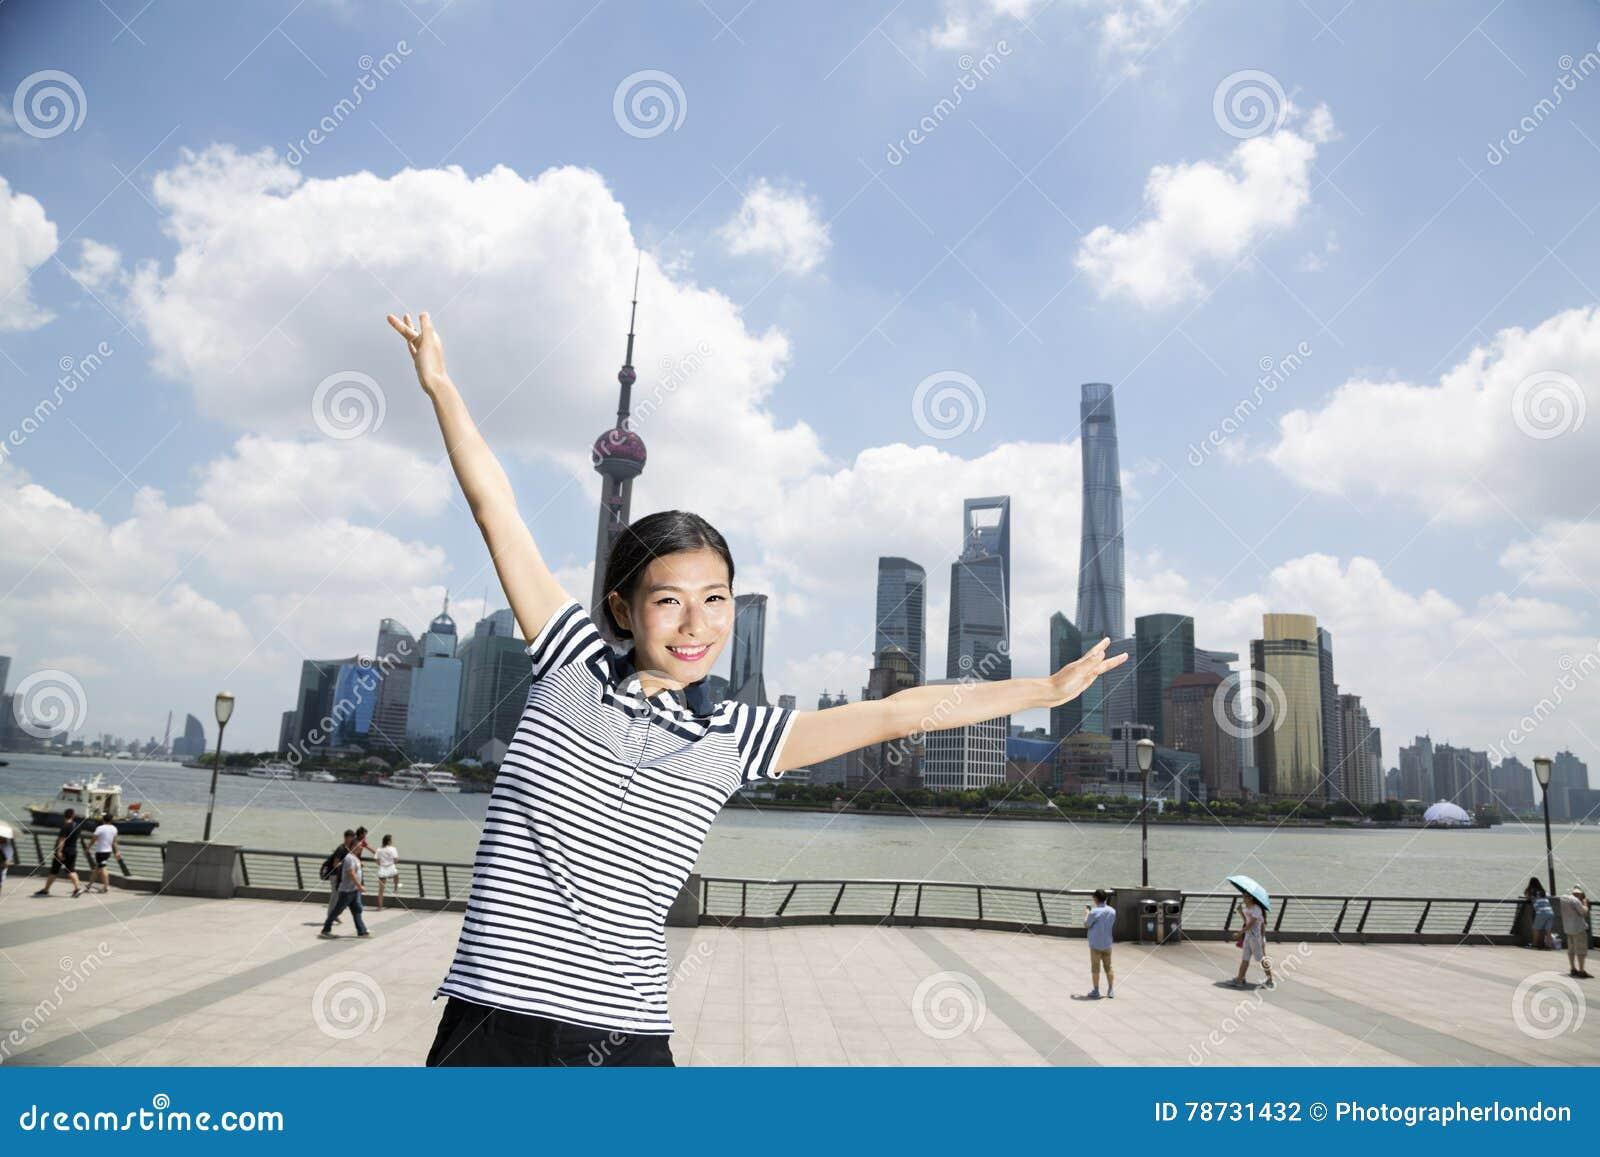 Stående av det lyckliga kvinnaanseendet med armar som är utsträckta på promenad mot Pudong horisont